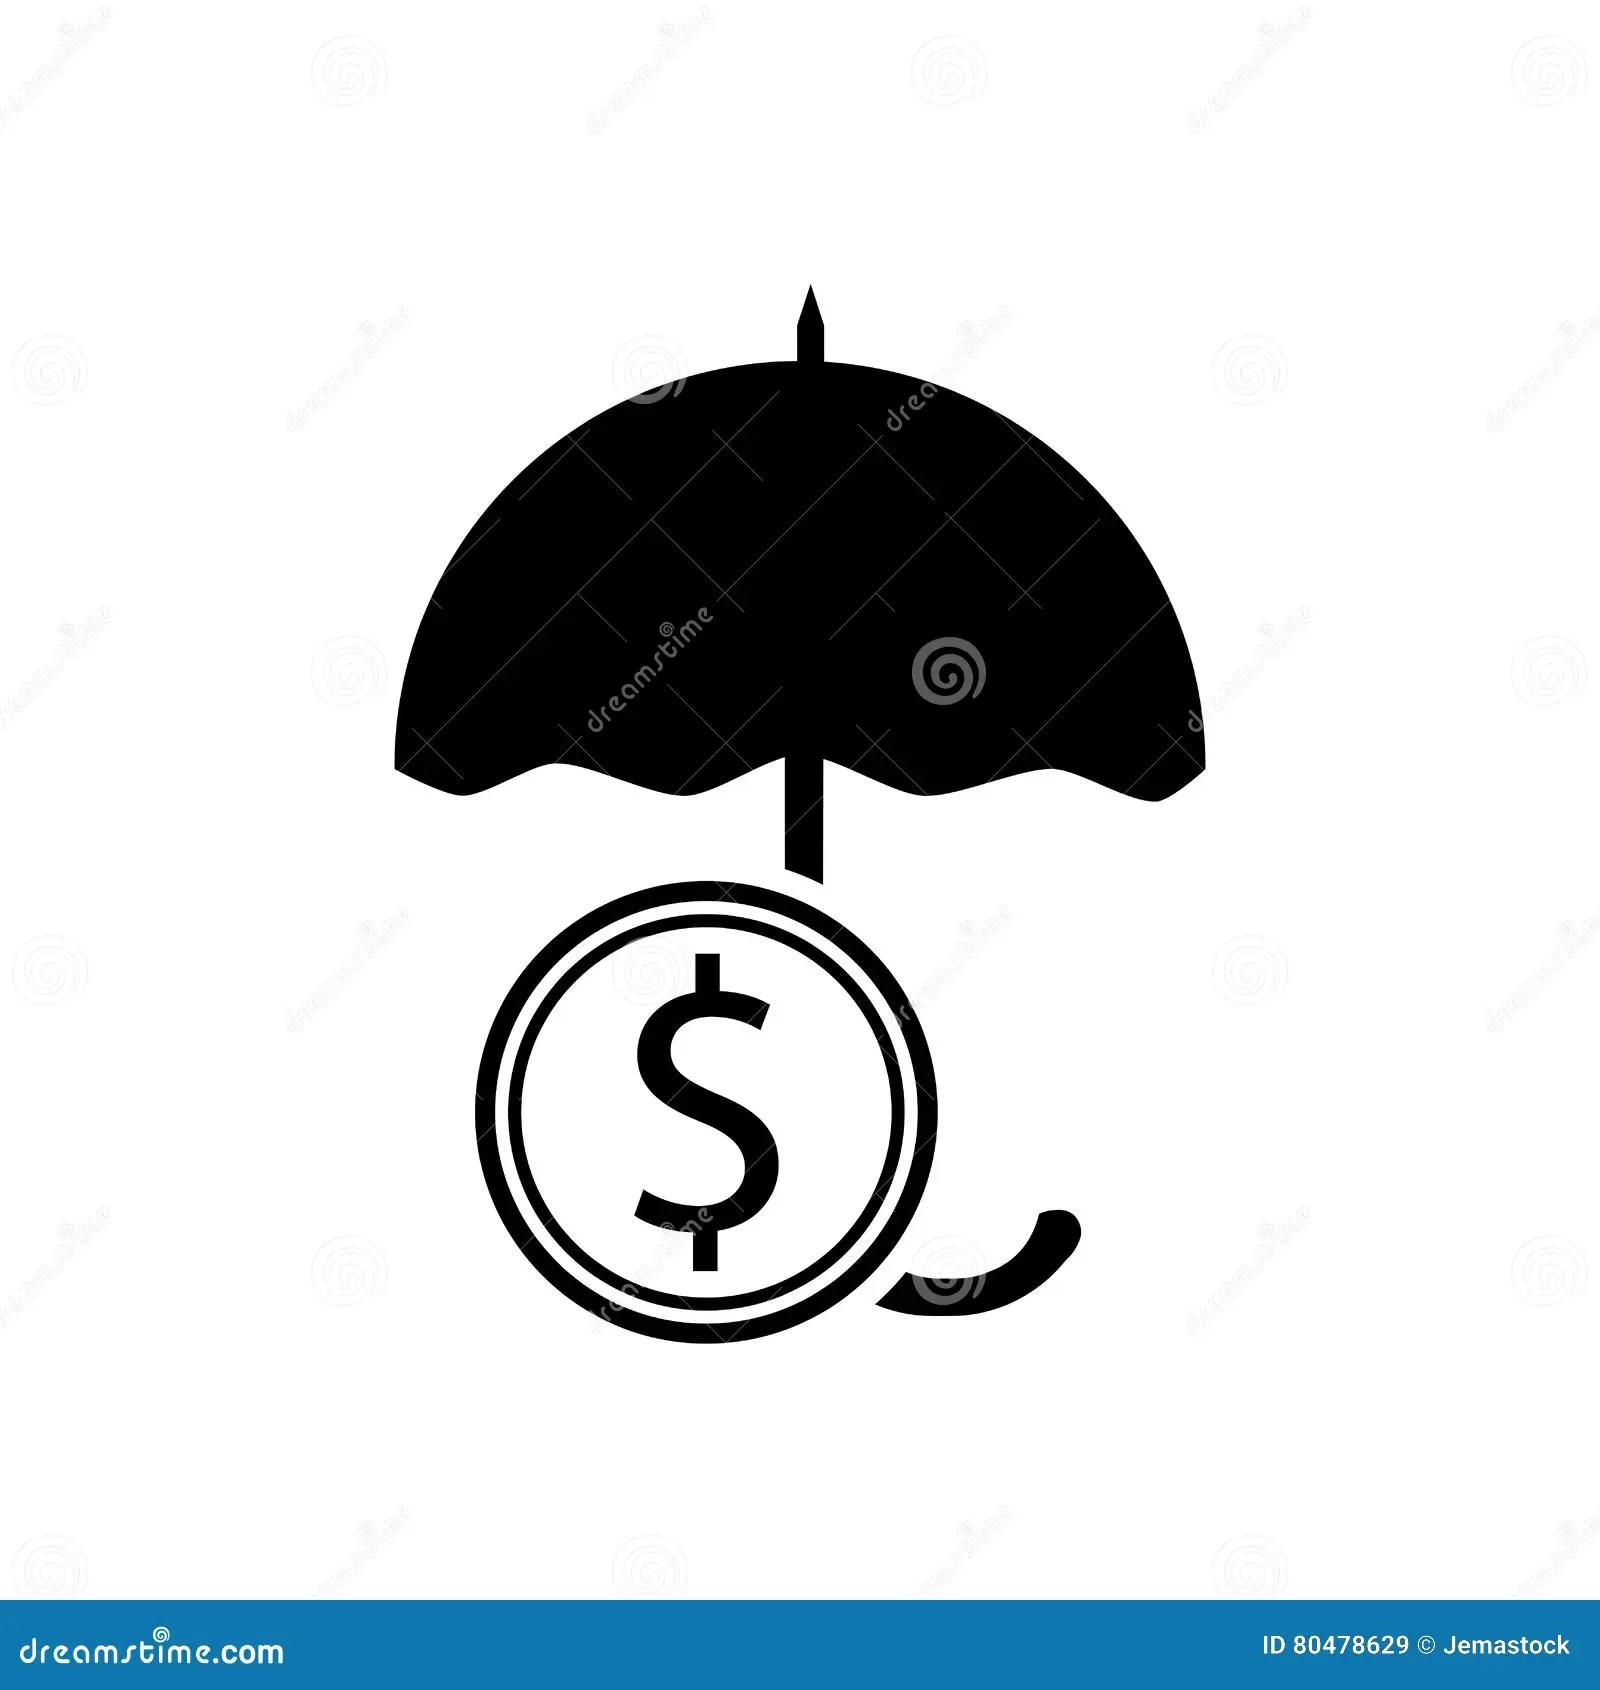 Umbrella Coin Design